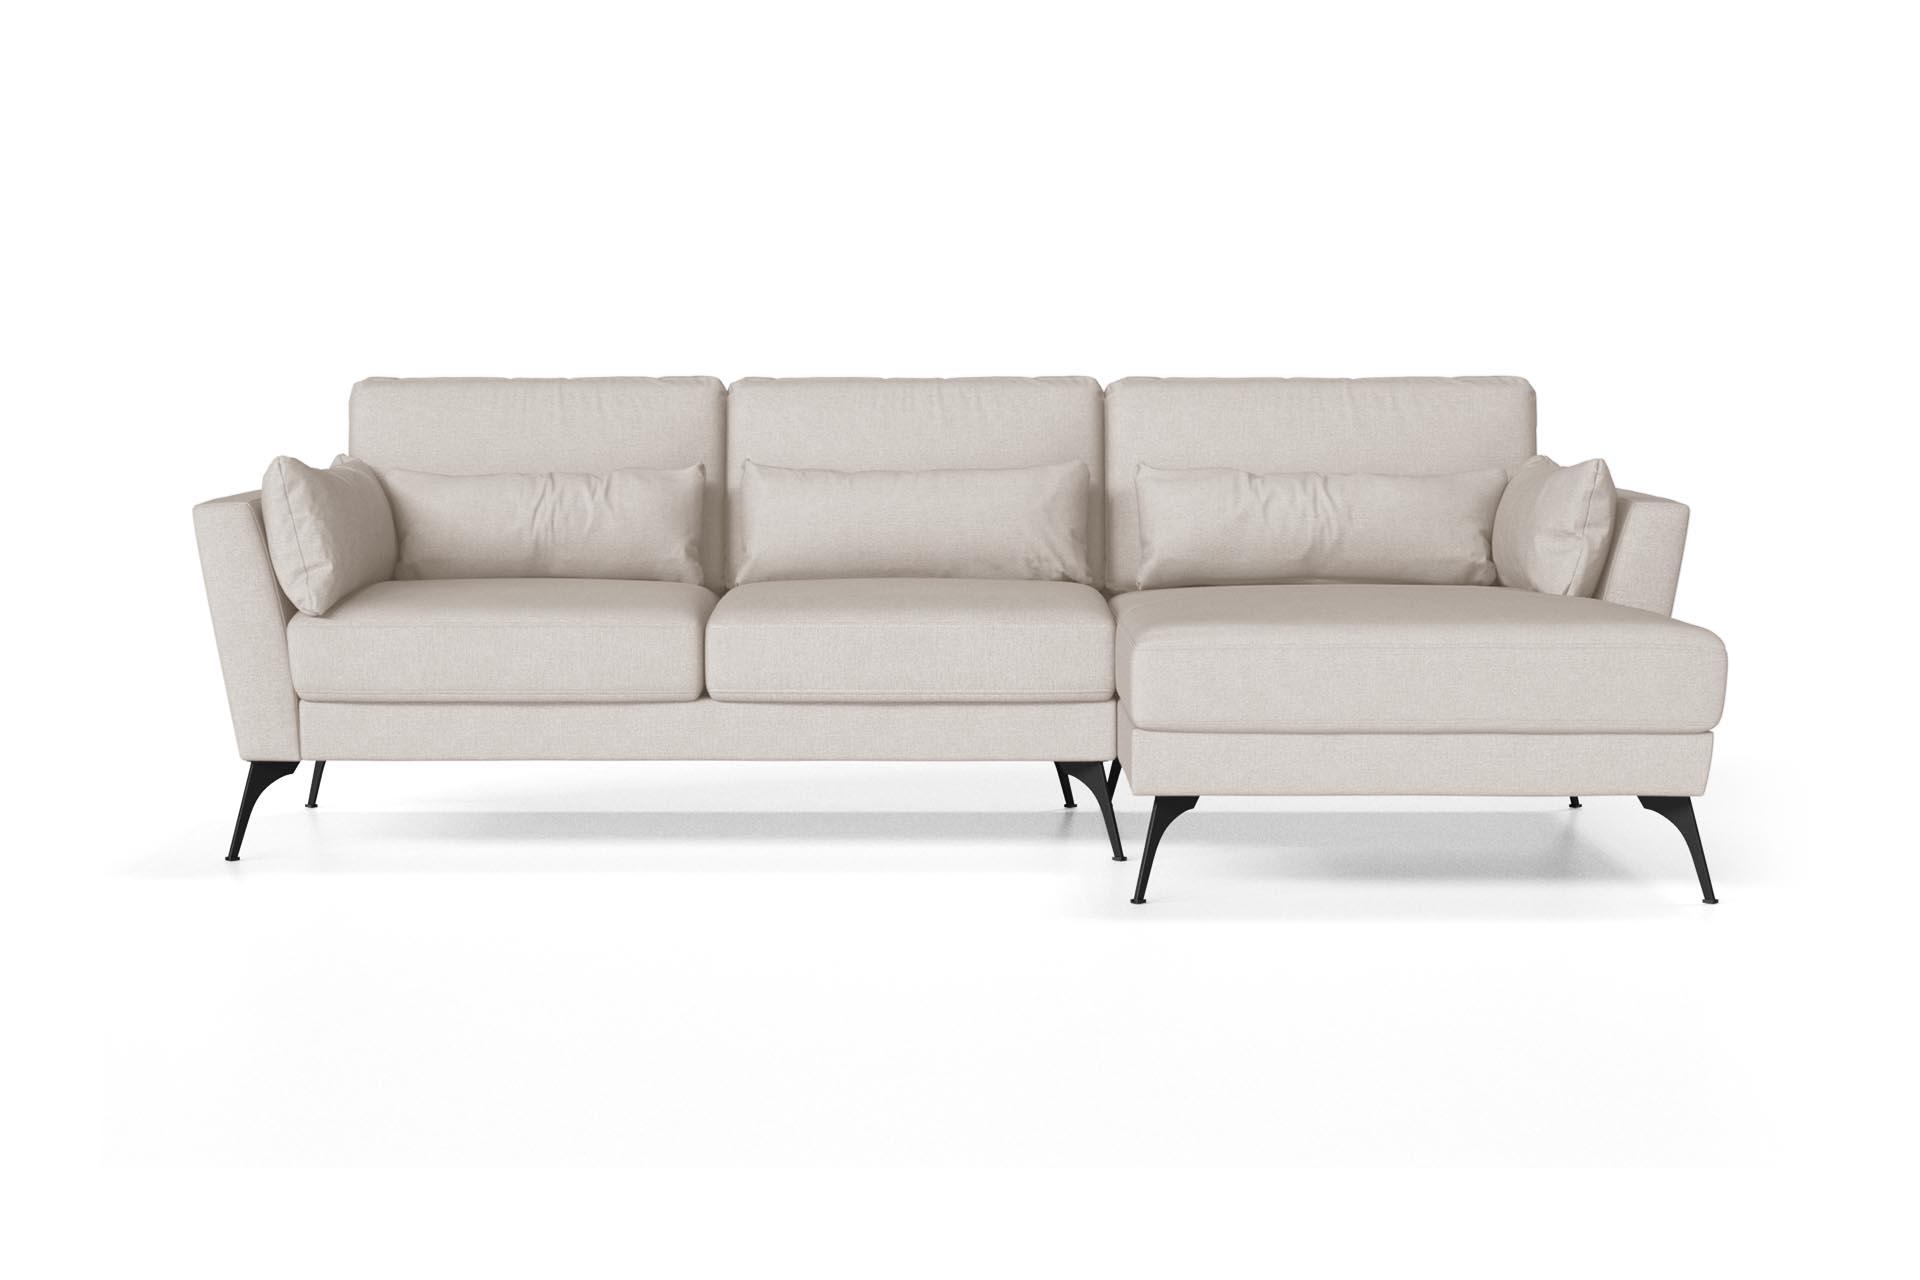 Canapé d'angle droit 4 places toucher lin blanc